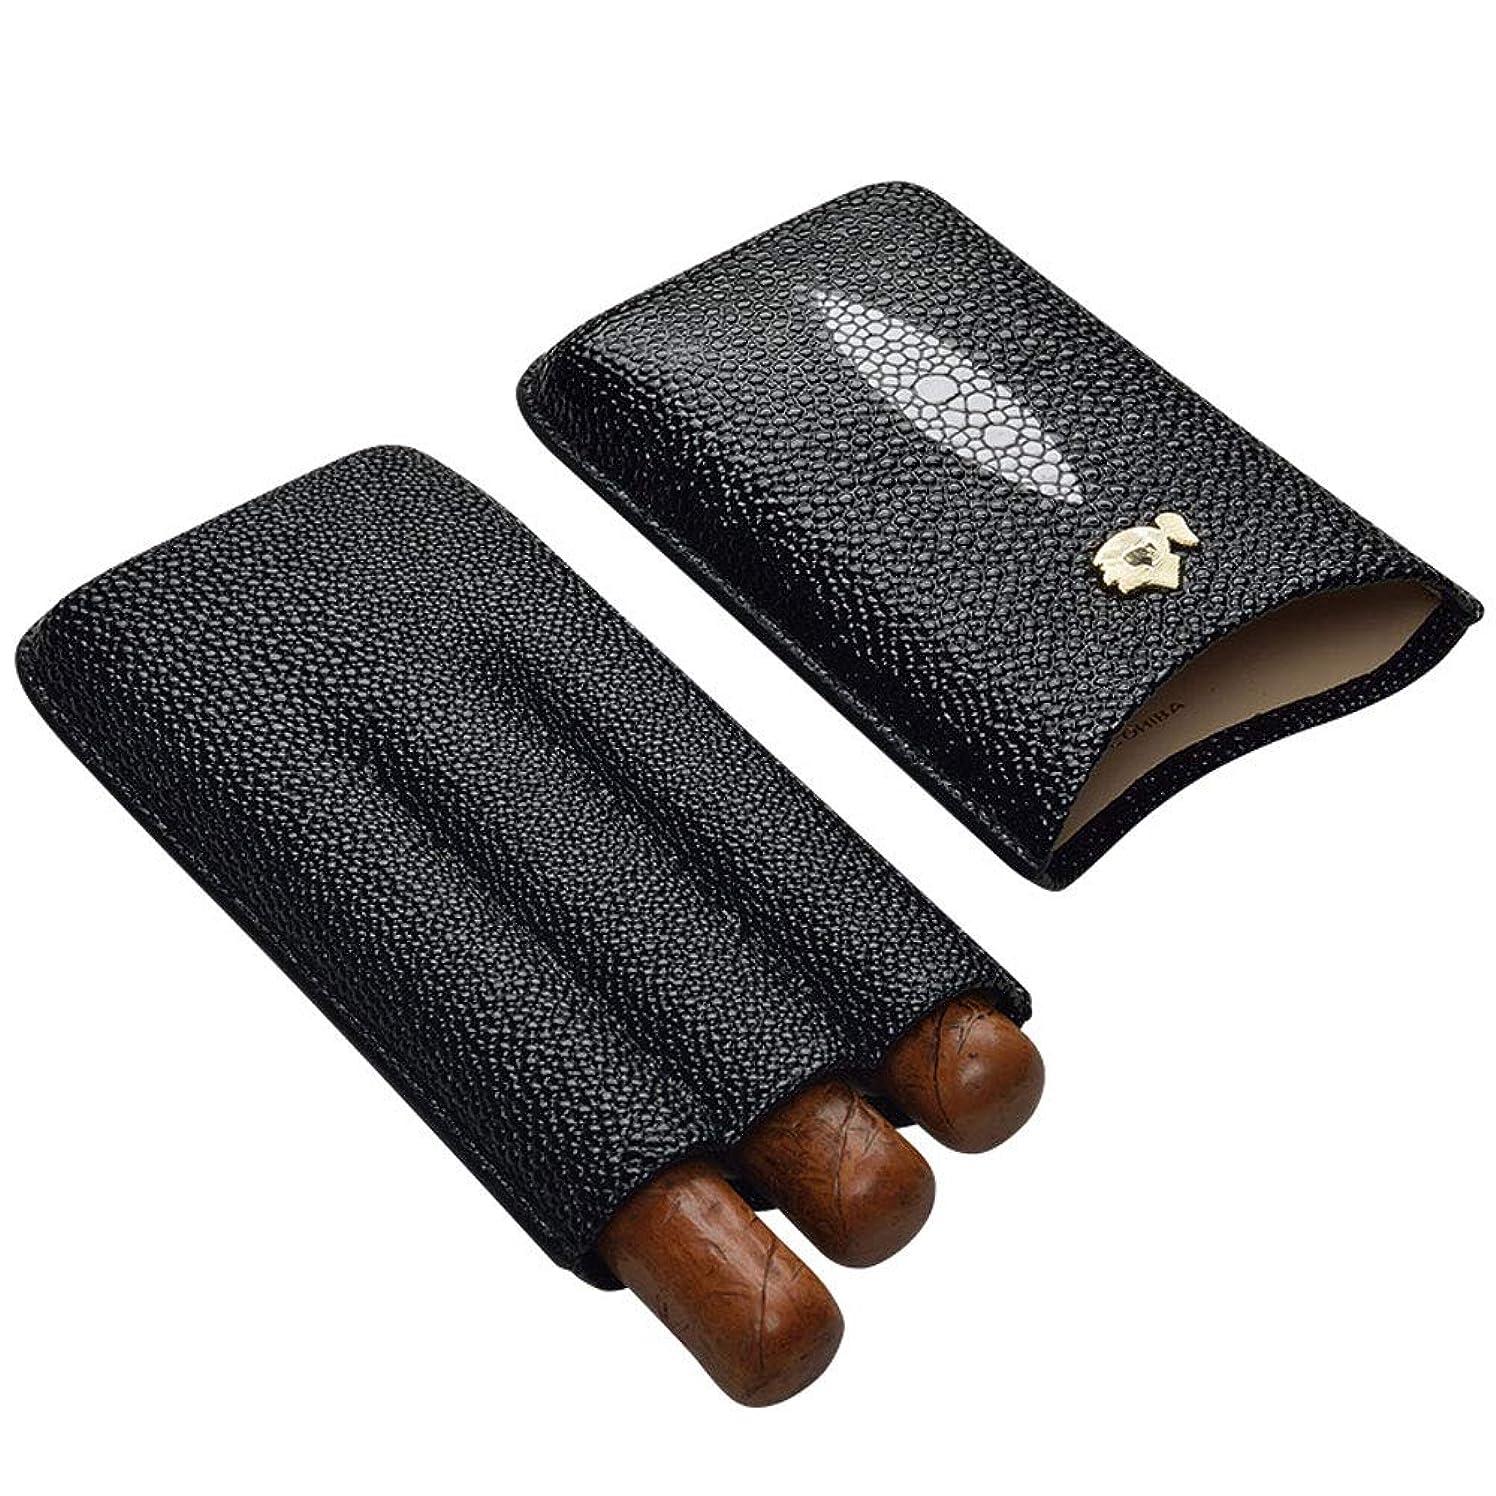 センサー略語囲まれたシガー本革収納ボックス 携帯便利 多機能 シガーボックス 葉巻ケース 喫煙具 灰皿タバコケース ヒュミドール ( 3本)